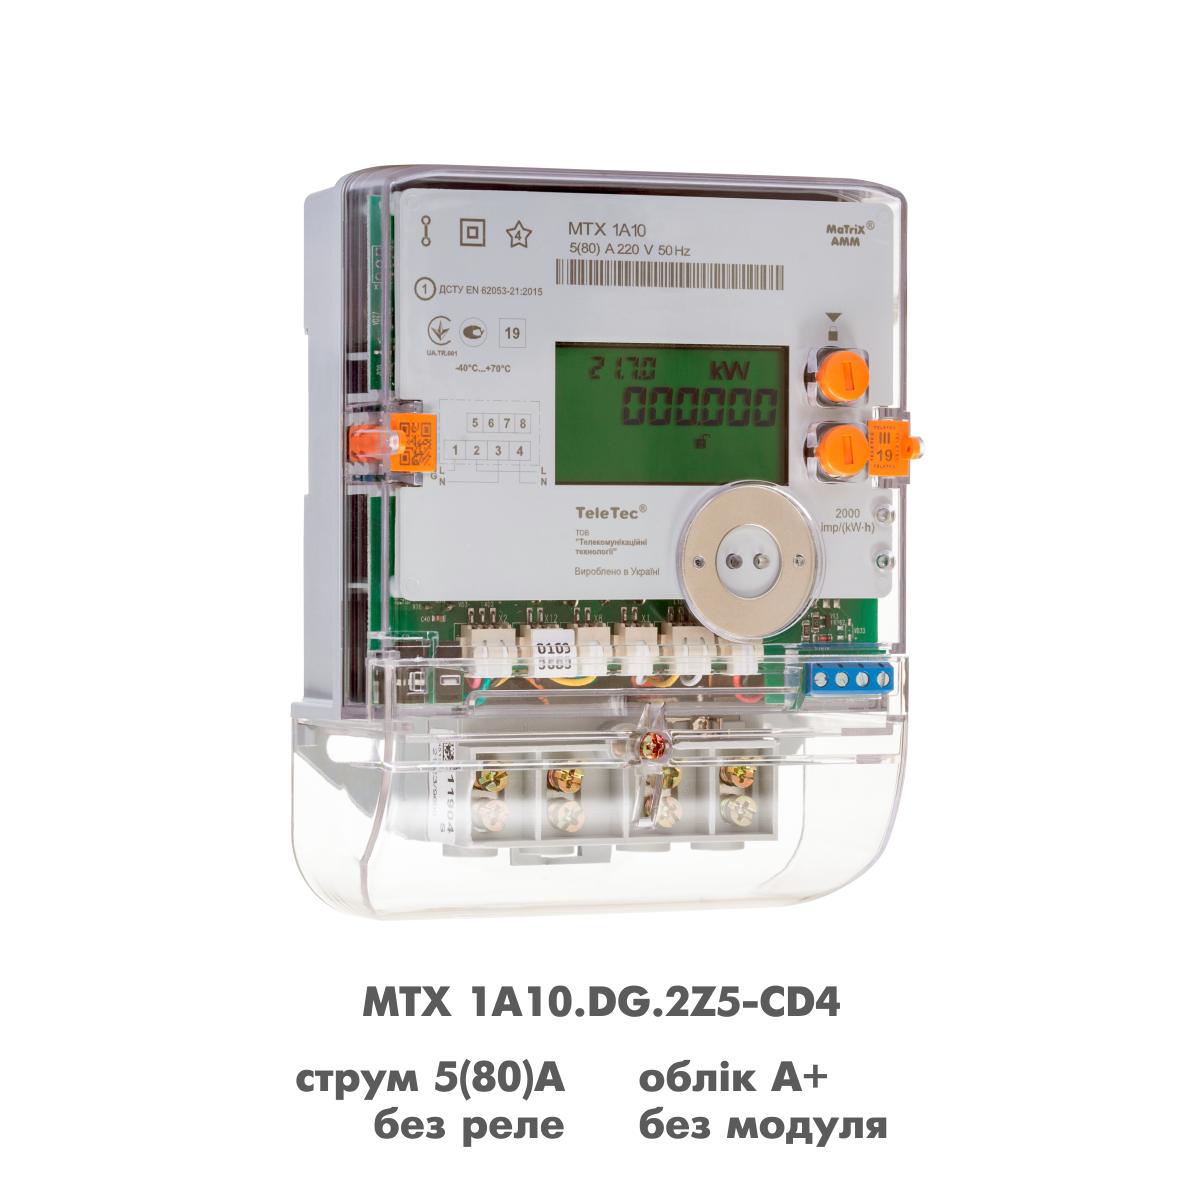 Электросчетчик MTX 1A10.DG.2Z5-CD4 5(80)A однофазный многотарифный (Аналог MTX 1A10.DF.2Z0-CD4)